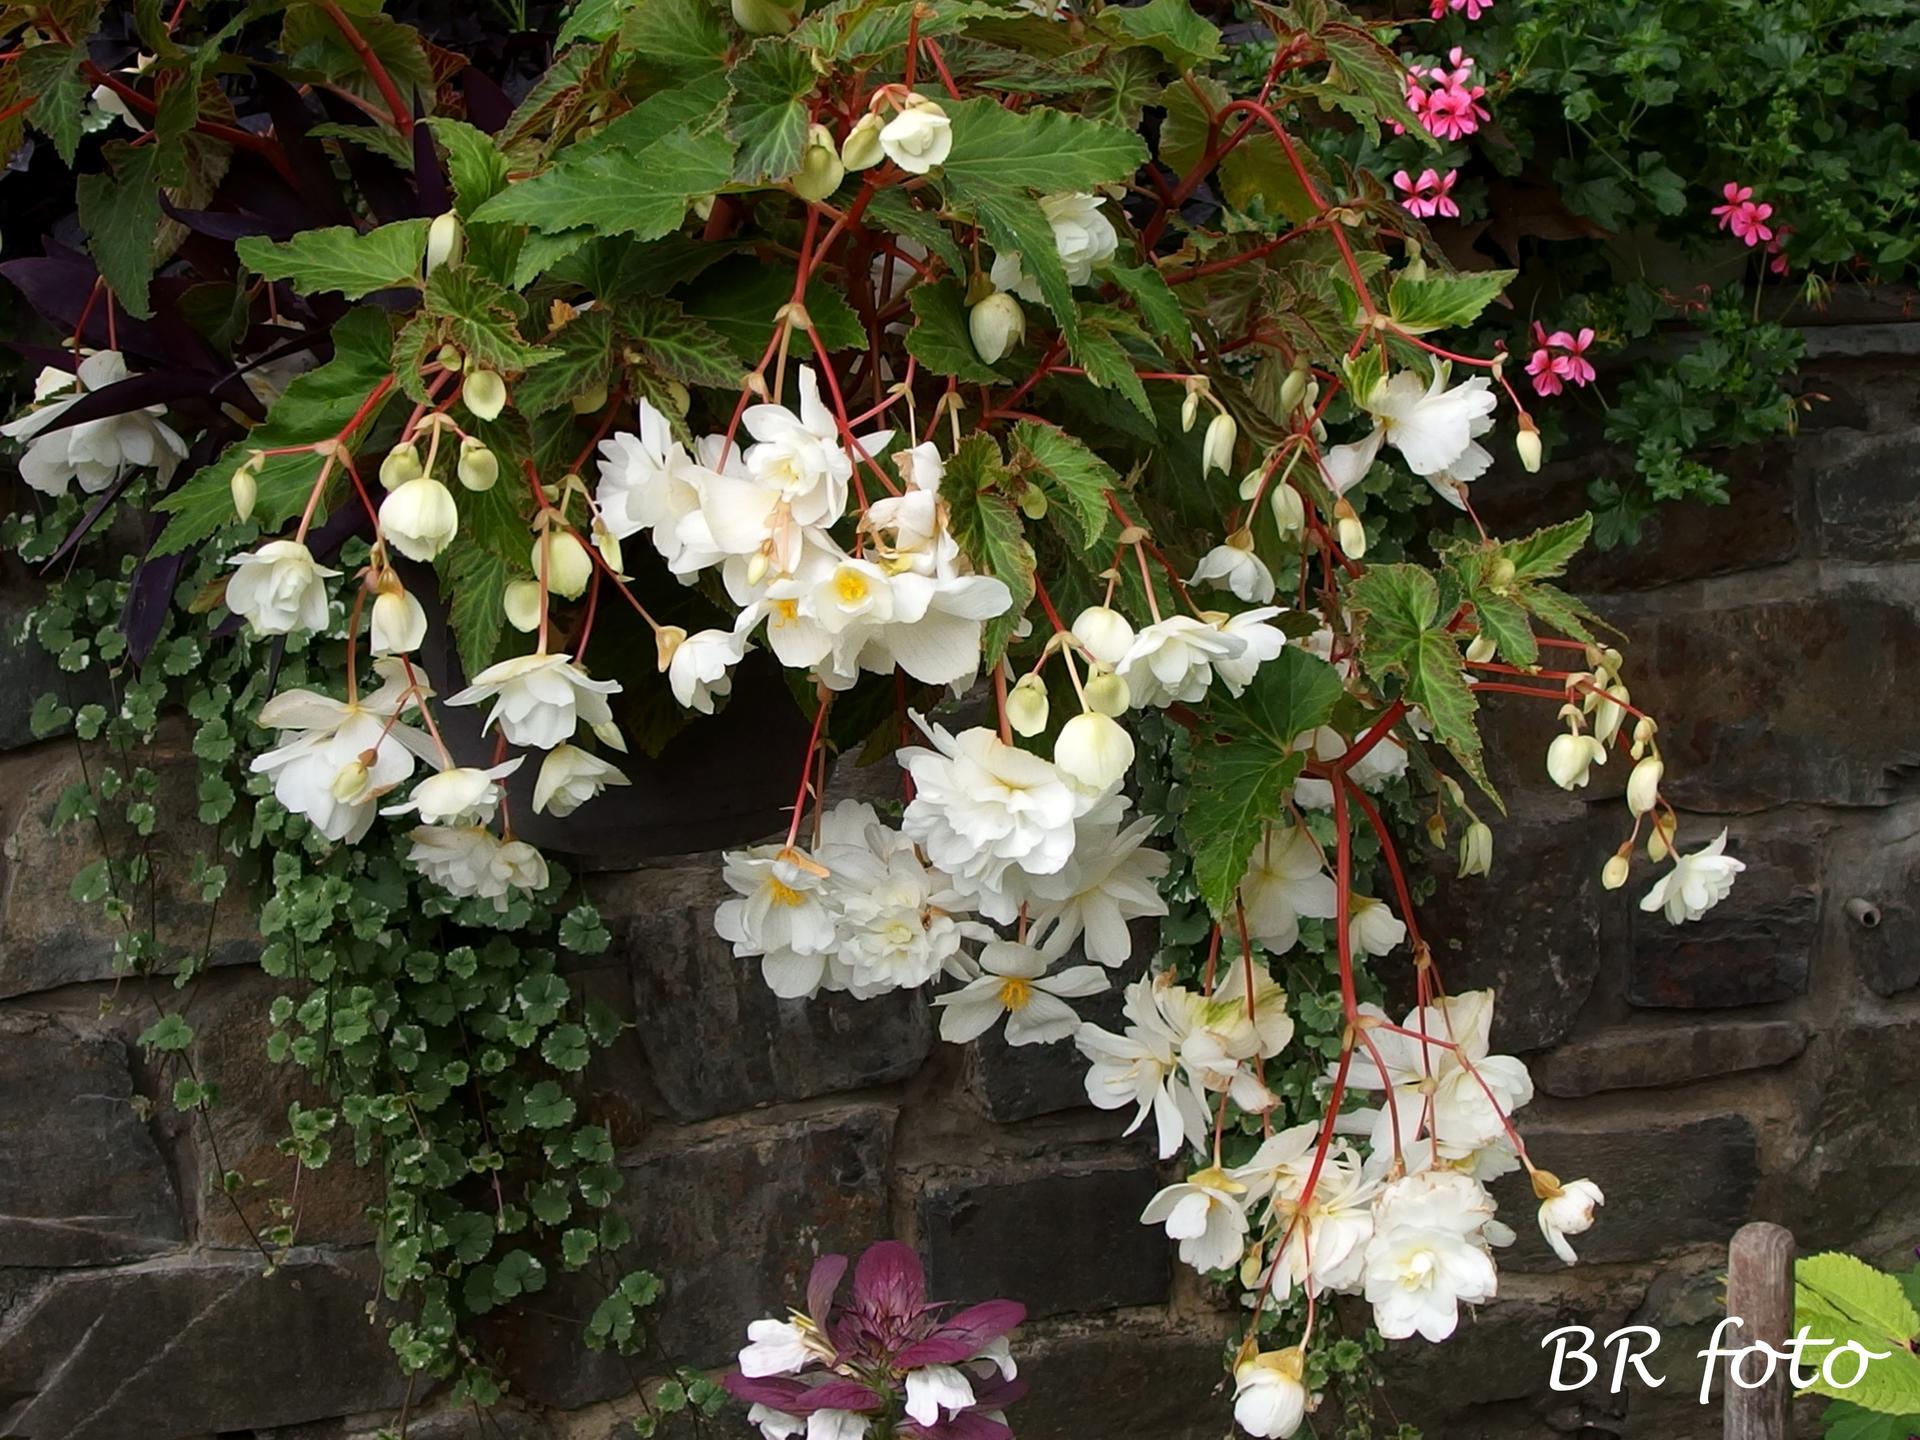 Zahrada v létě - begonie od loňska a dělá velkou radost